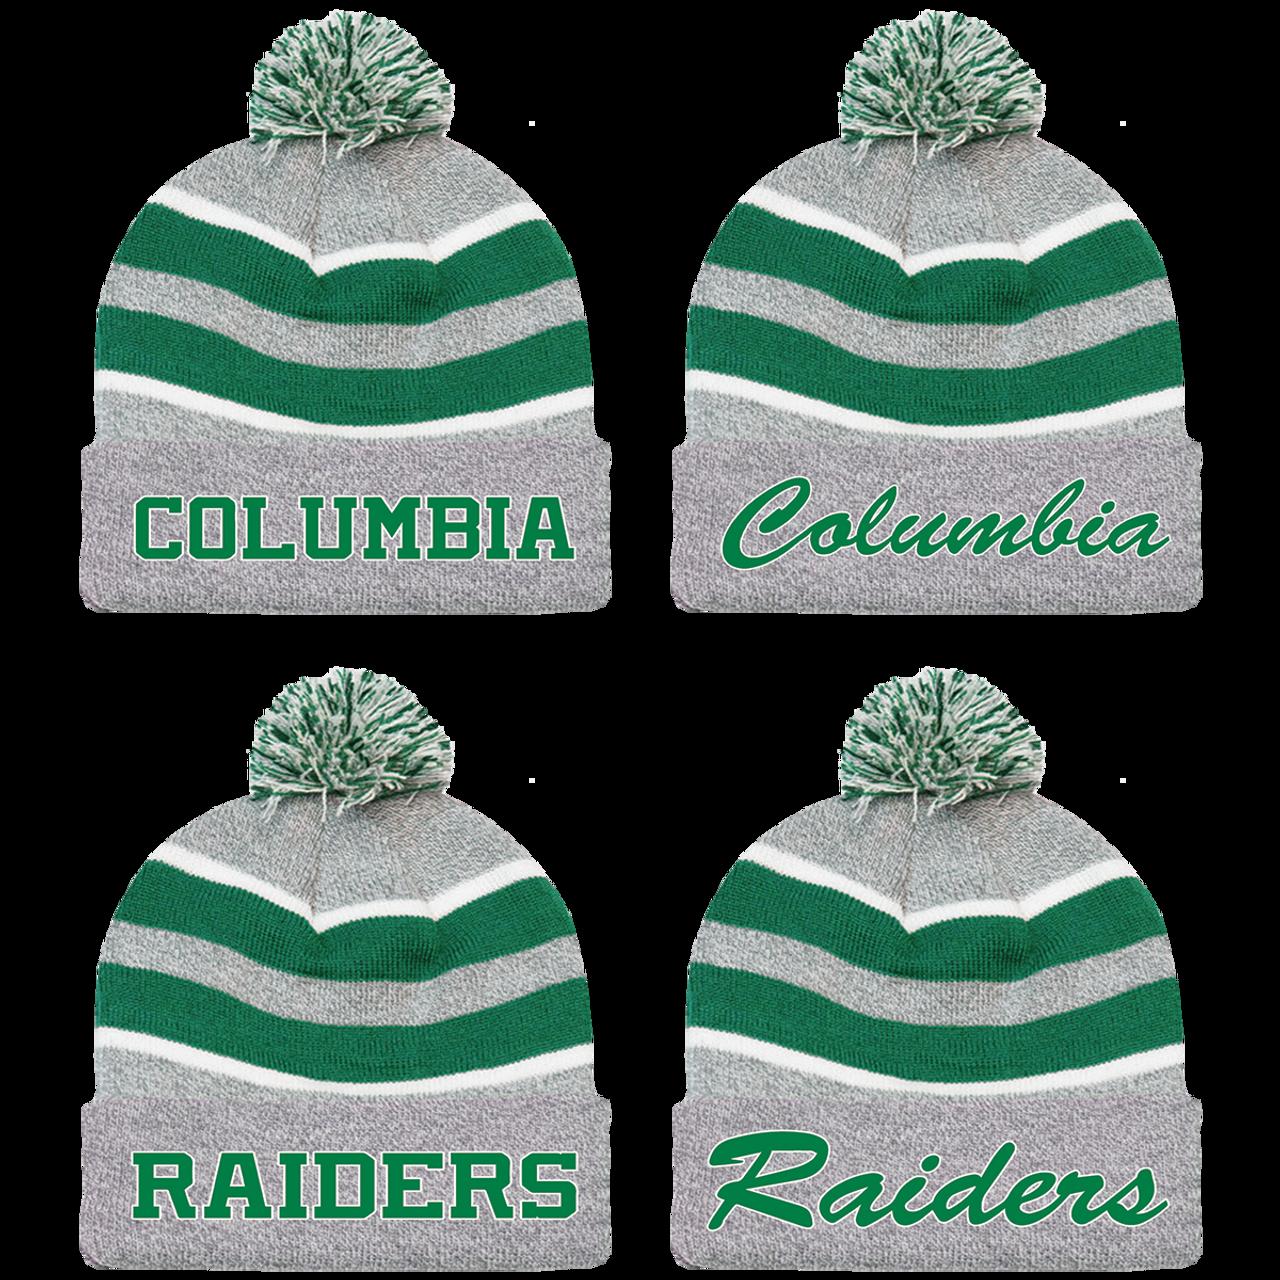 6701757cc4108 Columbia Raiders Beanie (RY201 RY203 RY205 RY207) - RycoSports